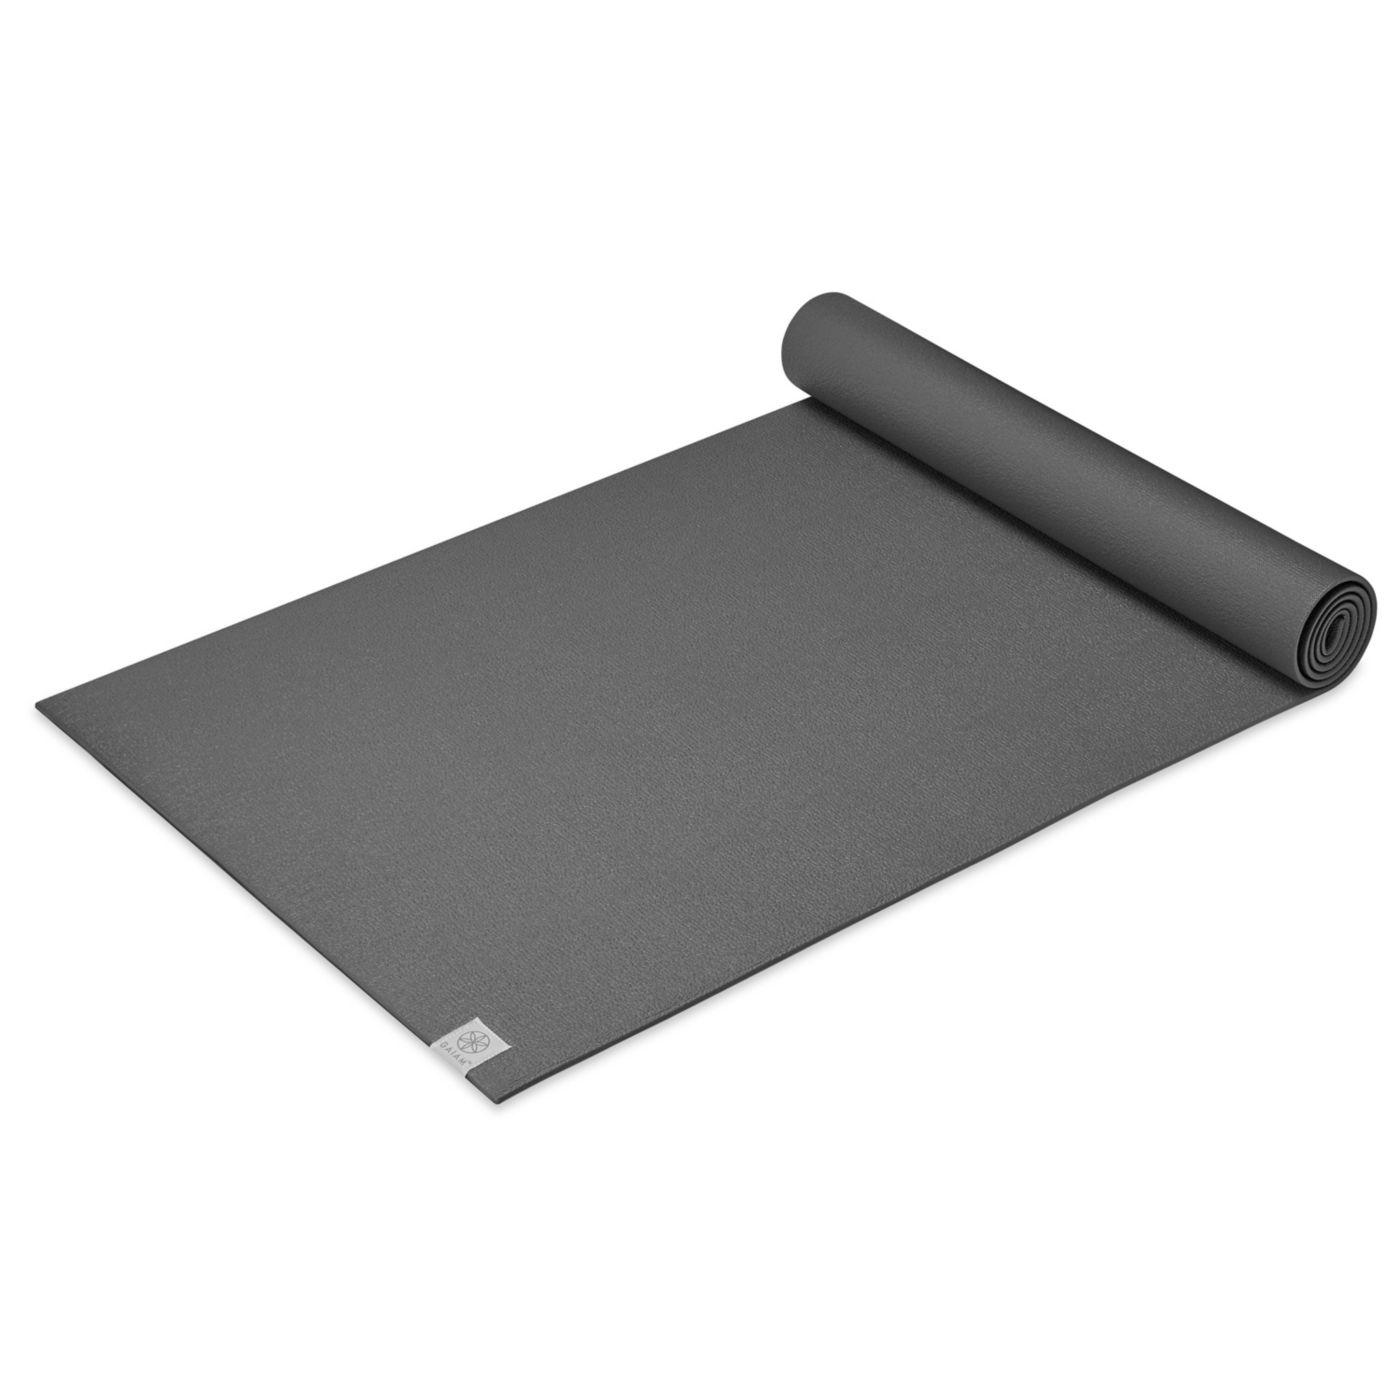 Gaiam Studio Select 5mm All Purpose Yoga Mat